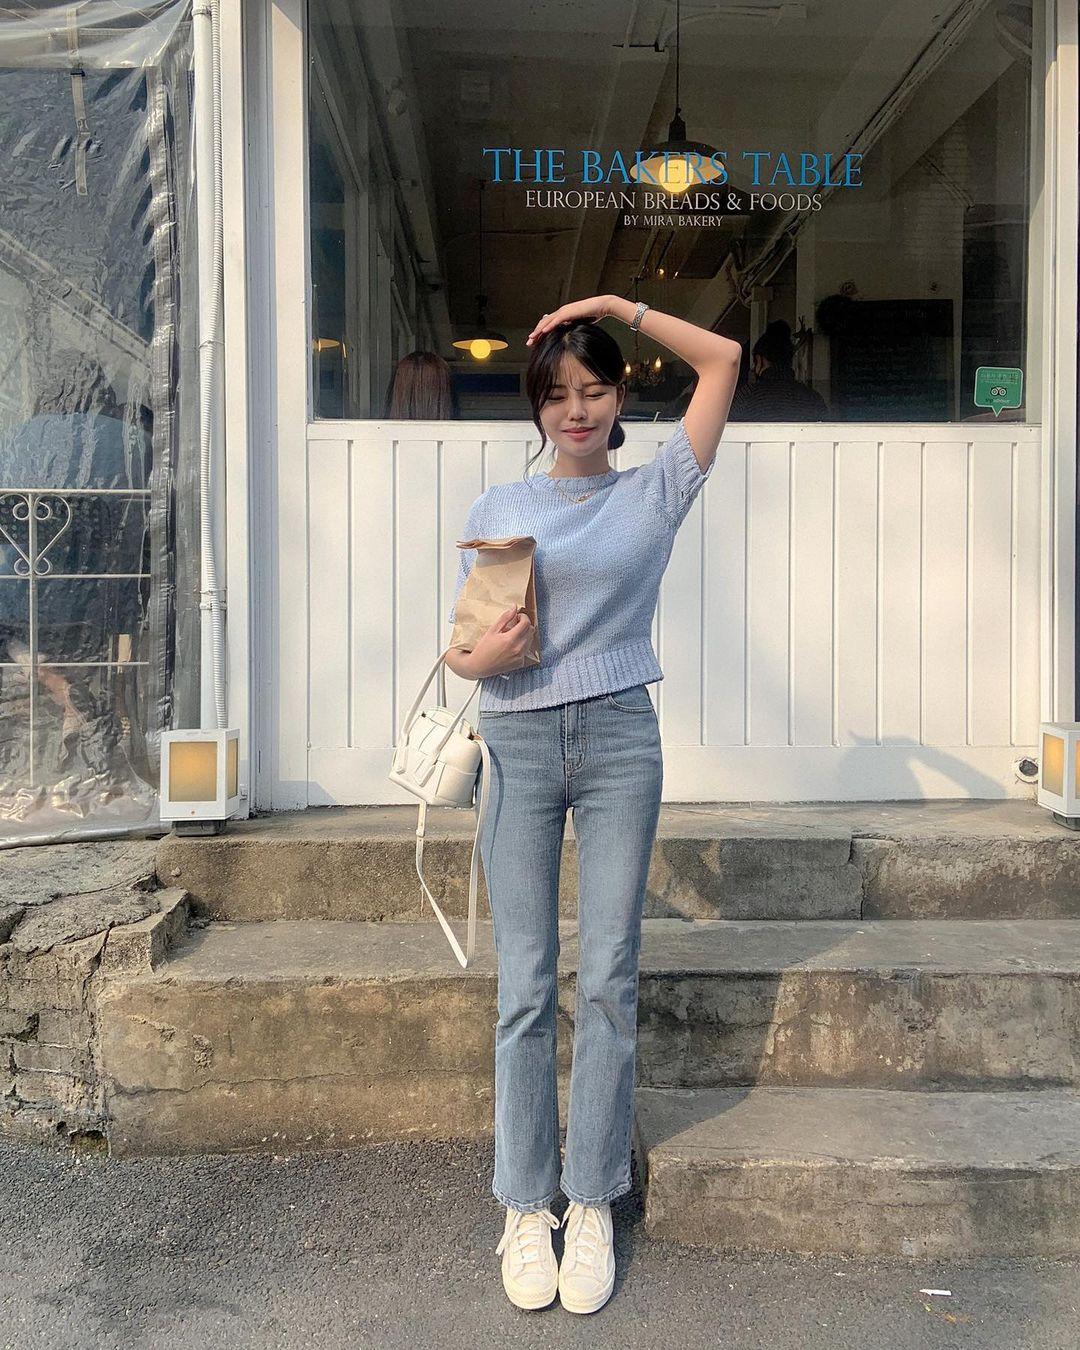 """Học nàng blogger Hàn cách diện jeans """"đỉnh của chóp"""": Vừa hack dáng vừa thanh lịch để đến sở làm - Ảnh 1"""